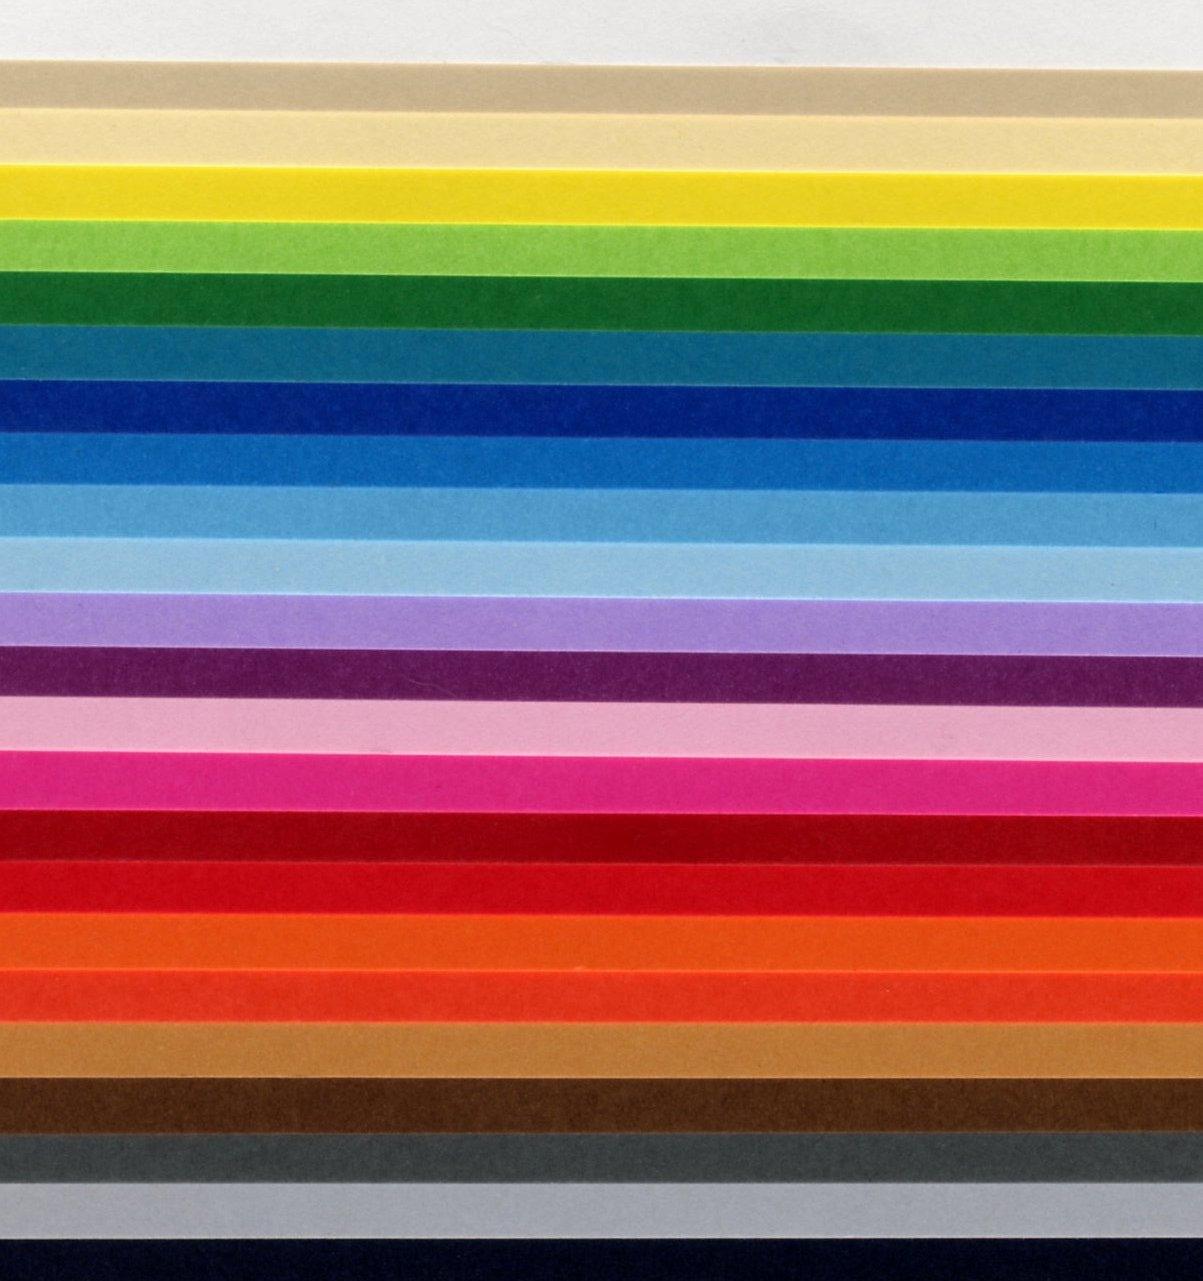 Cartoncino fabriano bristol 50 x 70 cm 200 gr colorati - Caduta fogli di colore stampabili ...